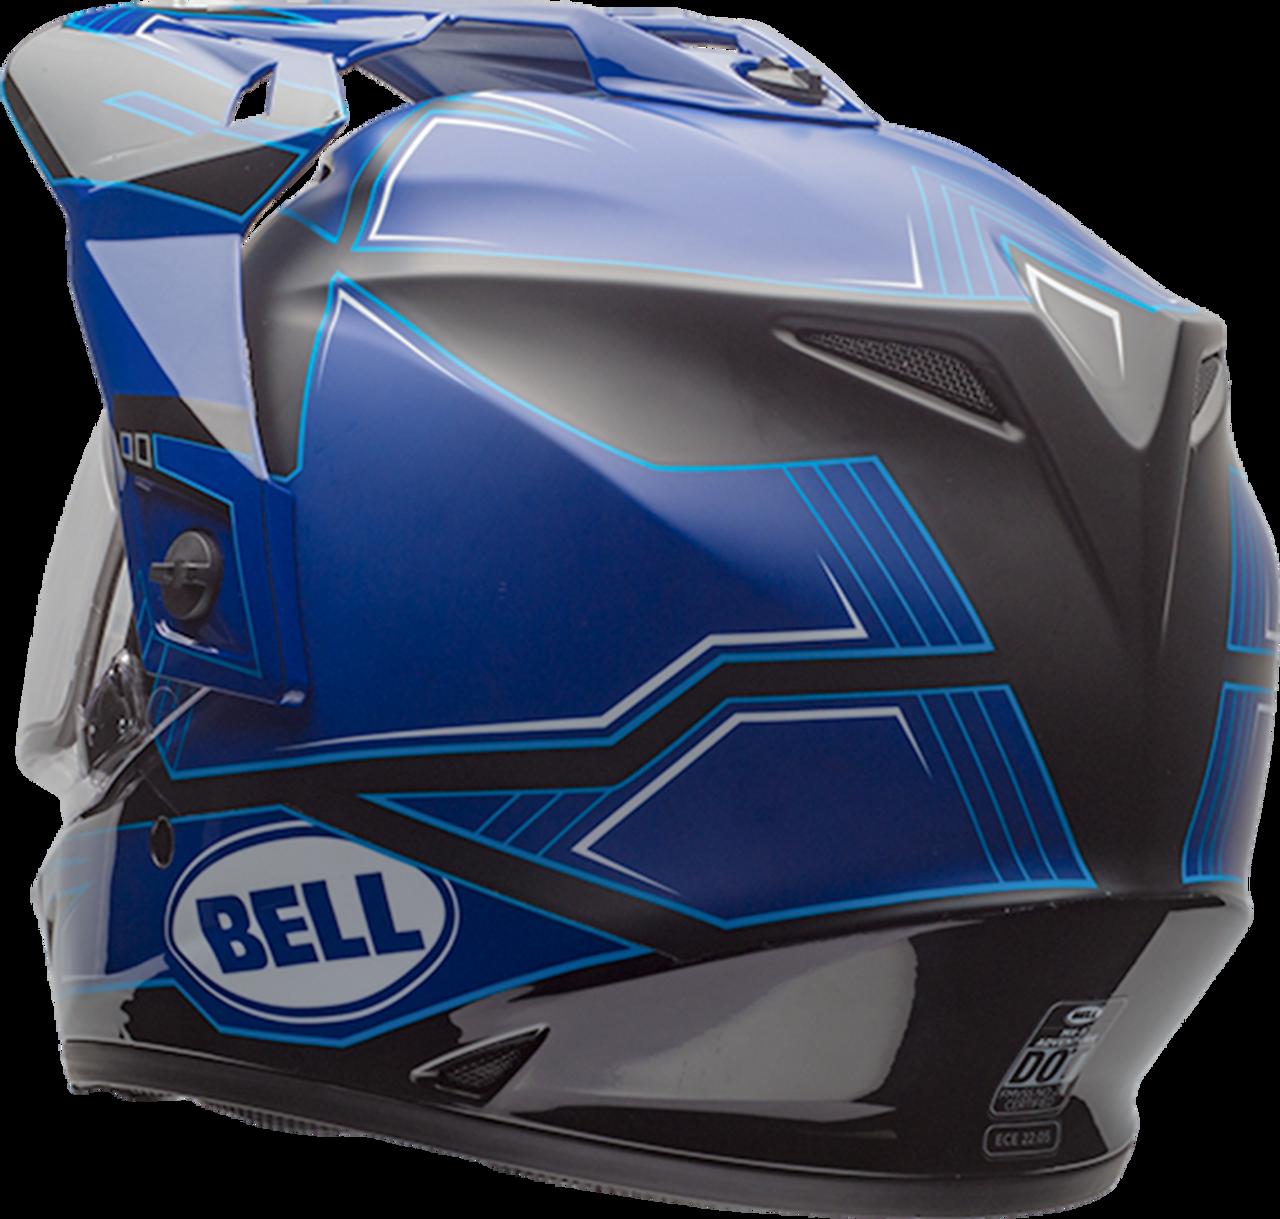 BELL MX-9 ADVENTURE SNOW MATTE/GLOSS BLUE